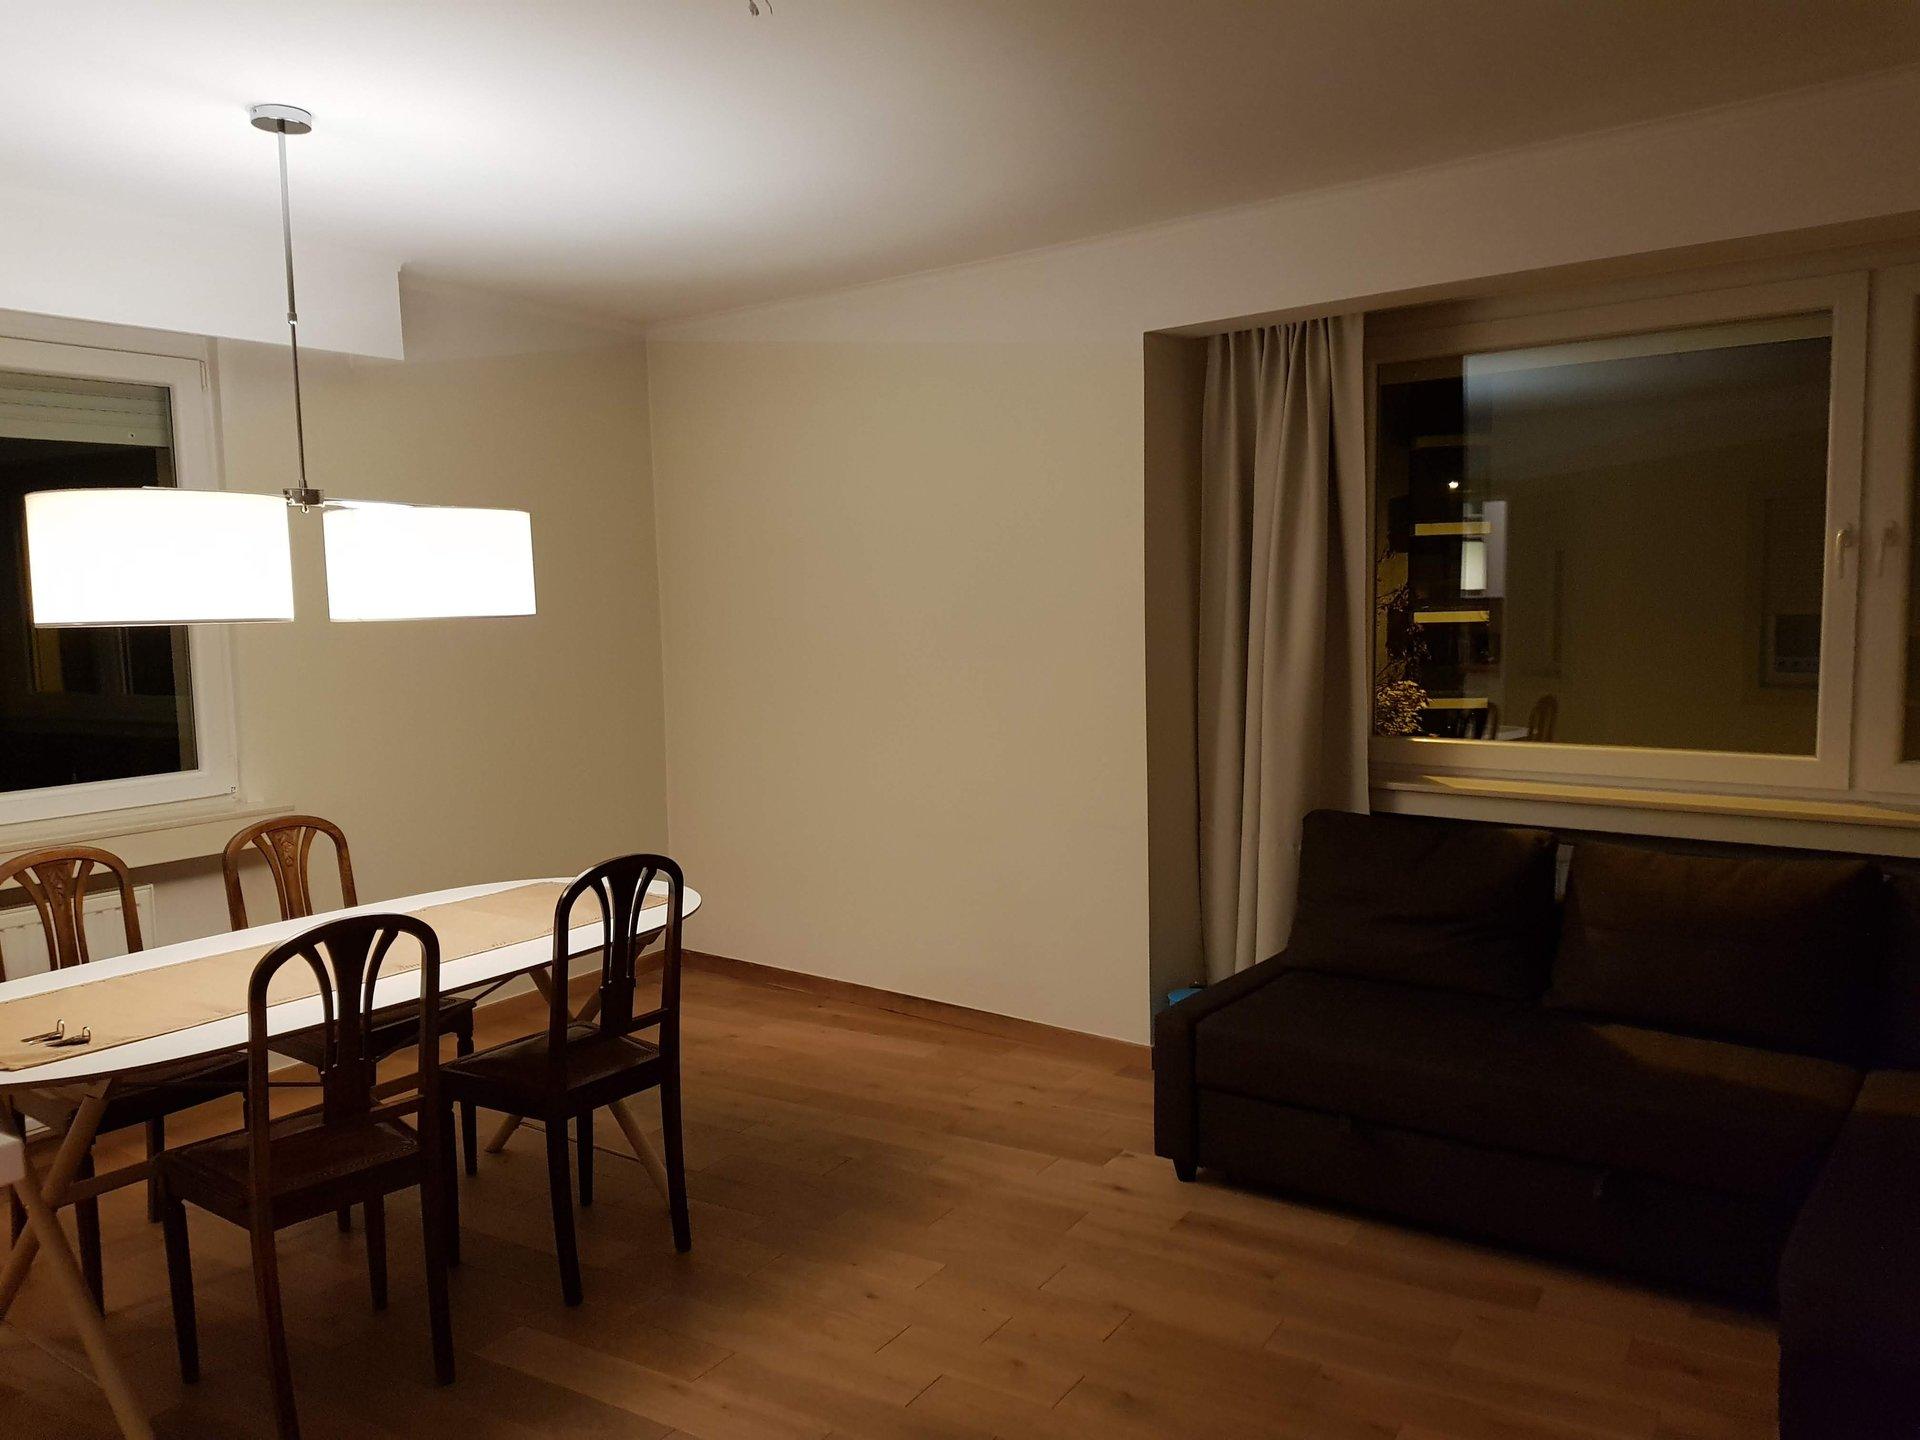 Bel appartement avec 1 chambre a couche non-meublé  en centre ville